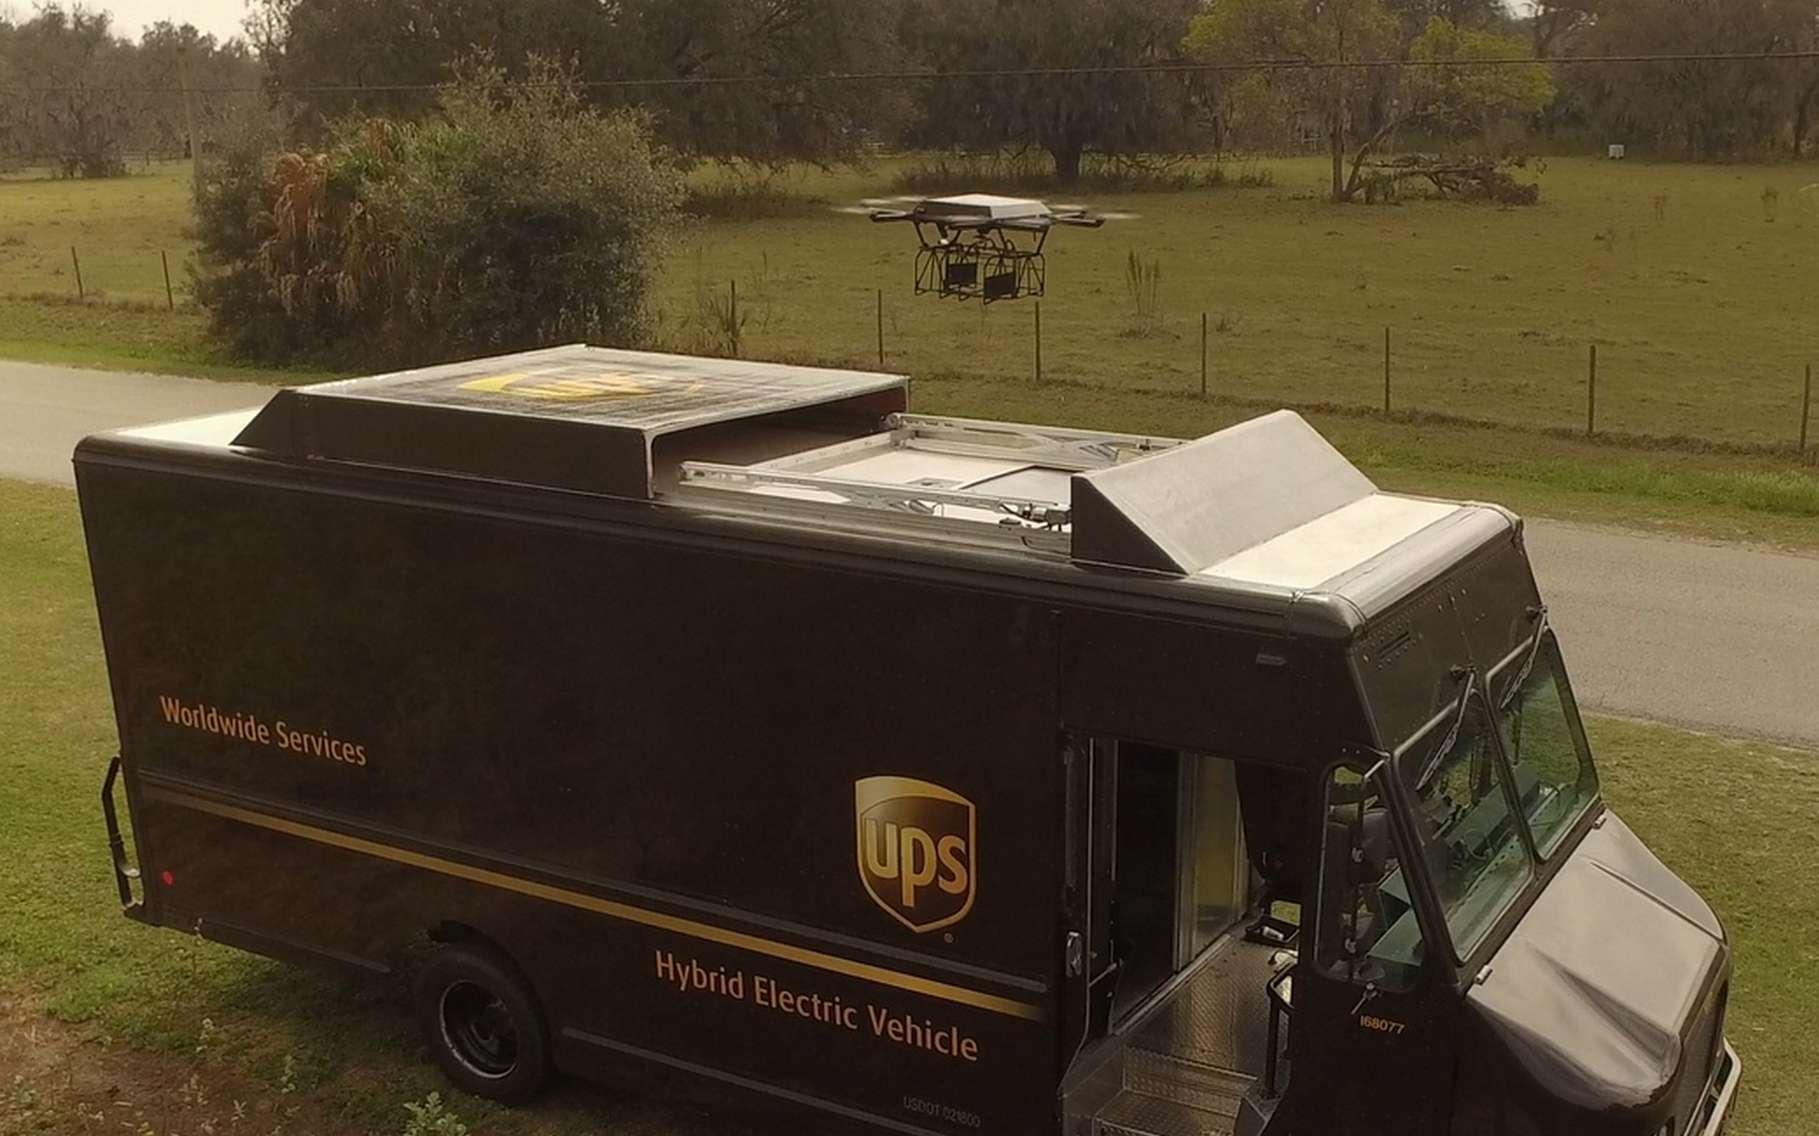 UPS pense que la solution combinant un drone et un camion de livraison est la plus souple pour assurer des livraisons en zones rurales. © UPS